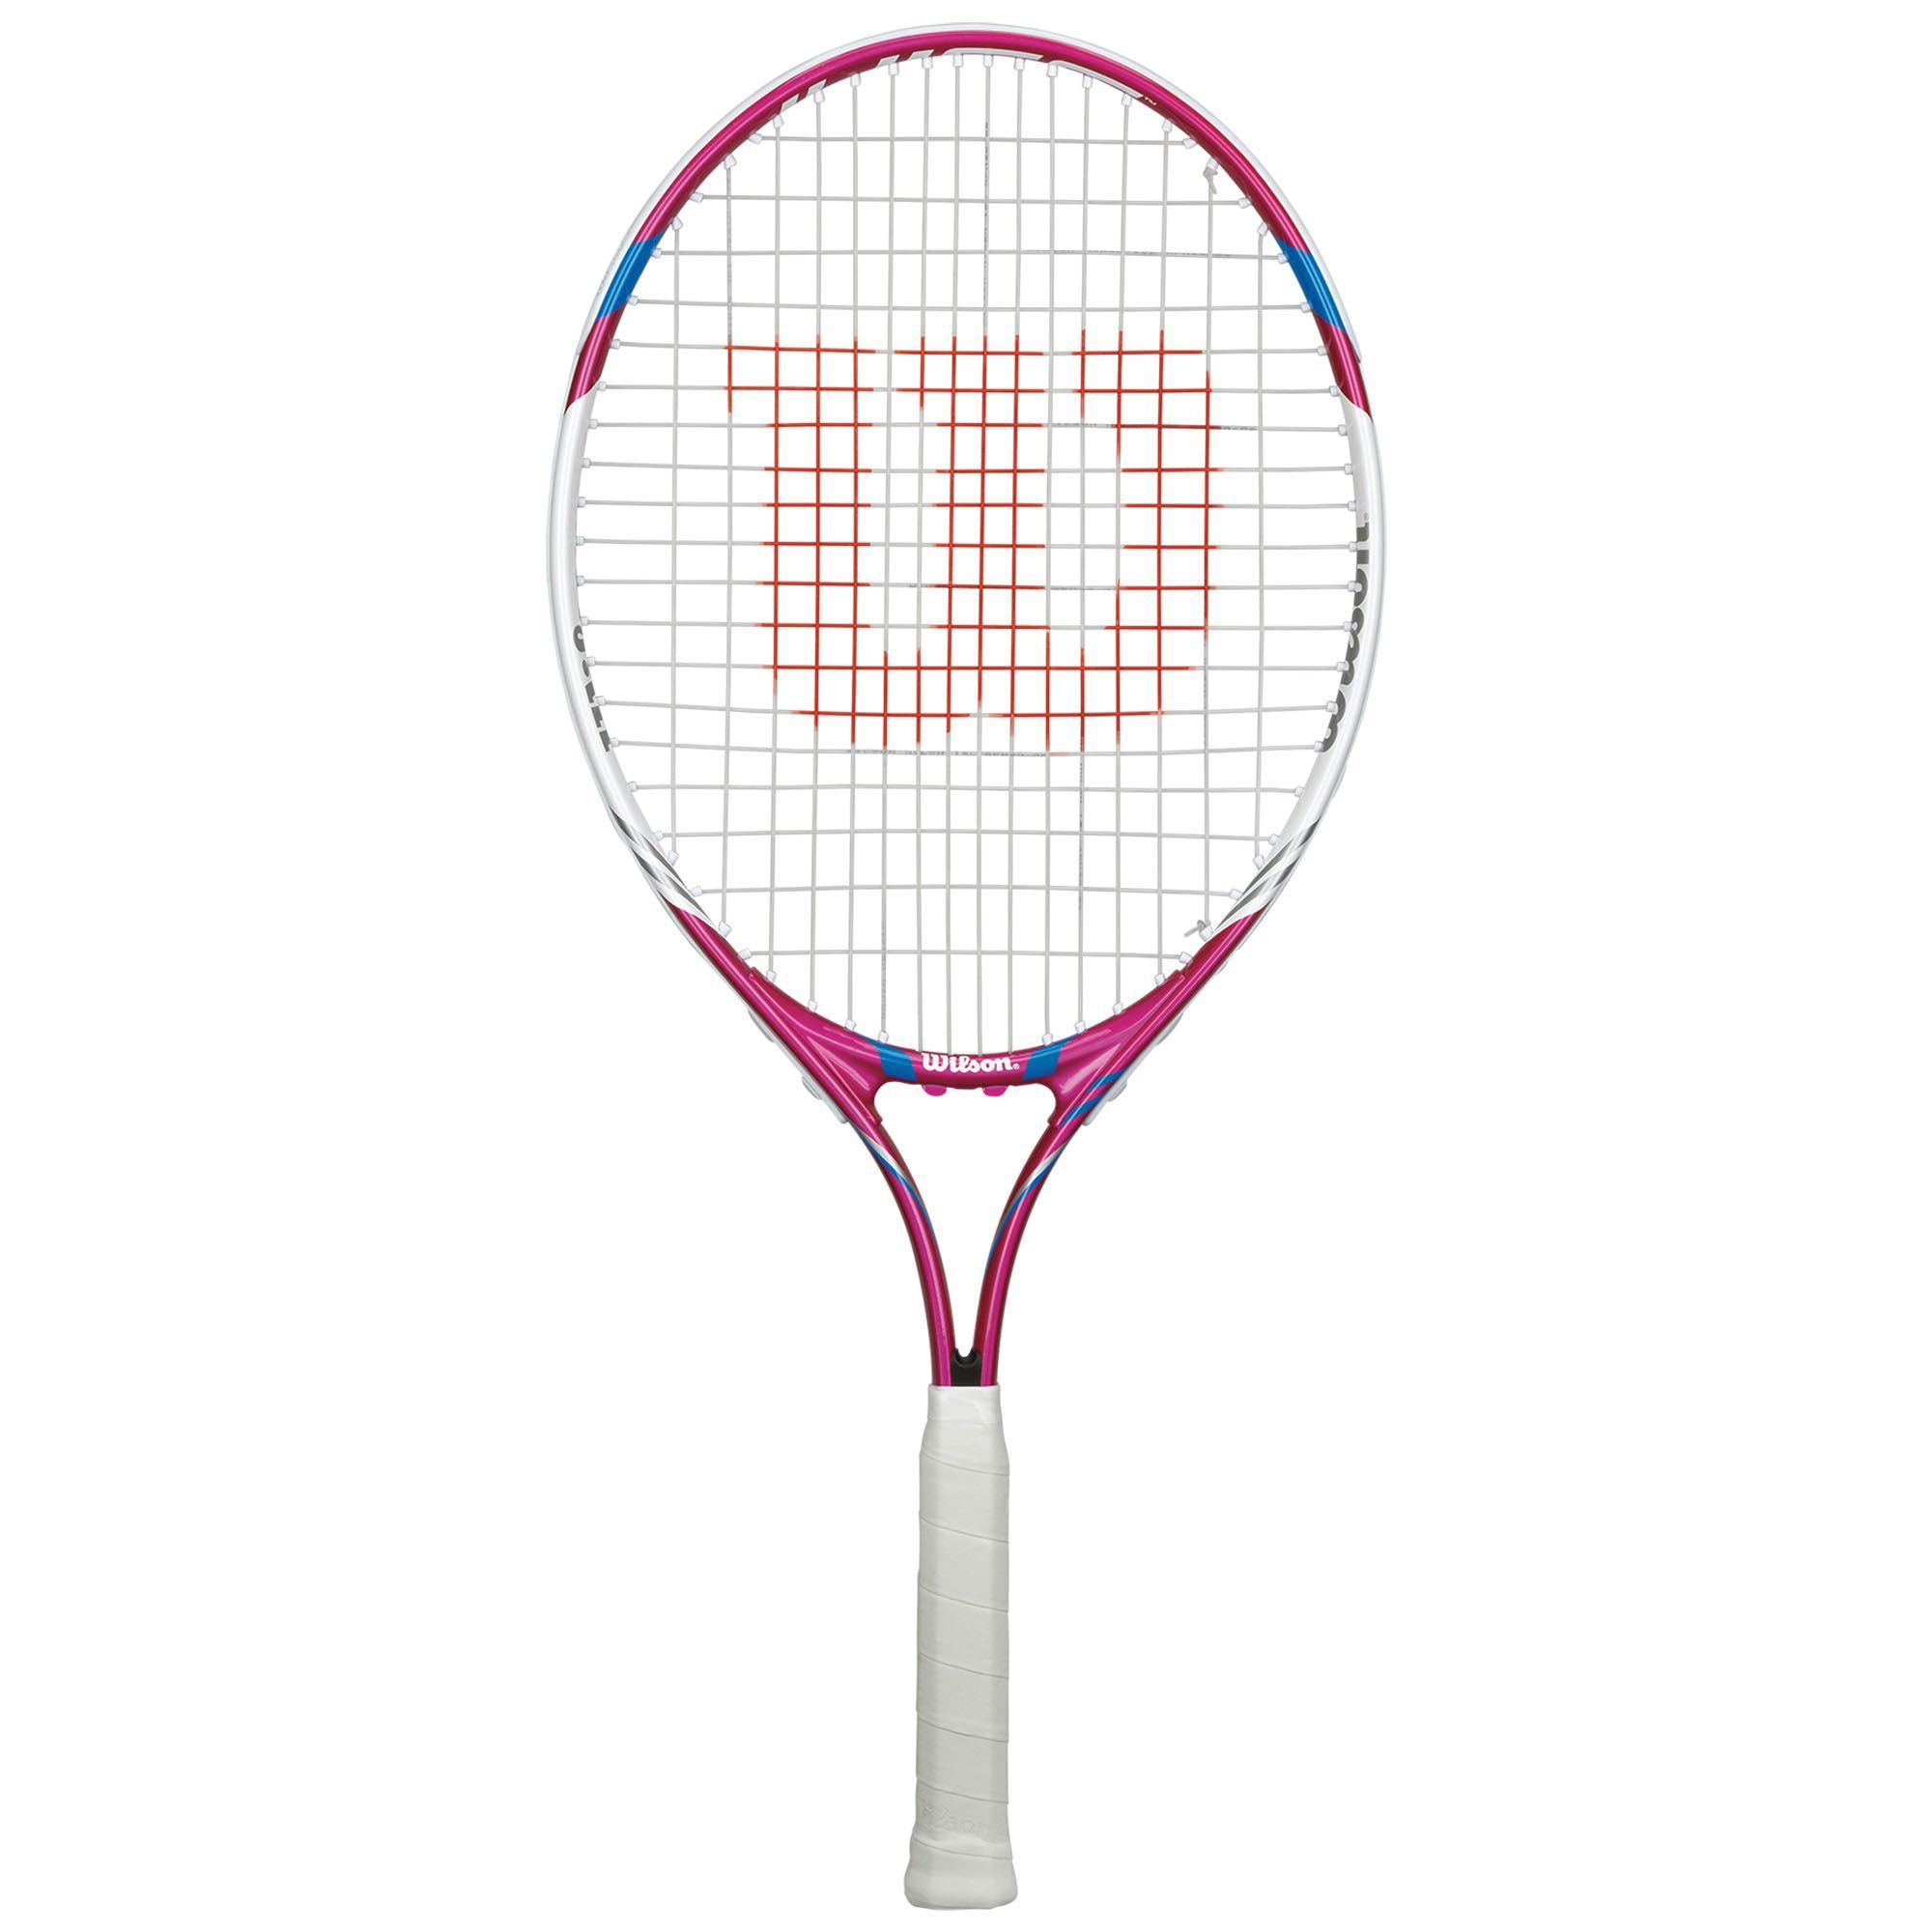 Wilson Juice Pink 25 Junior Tennis Racket - Sweatband.com